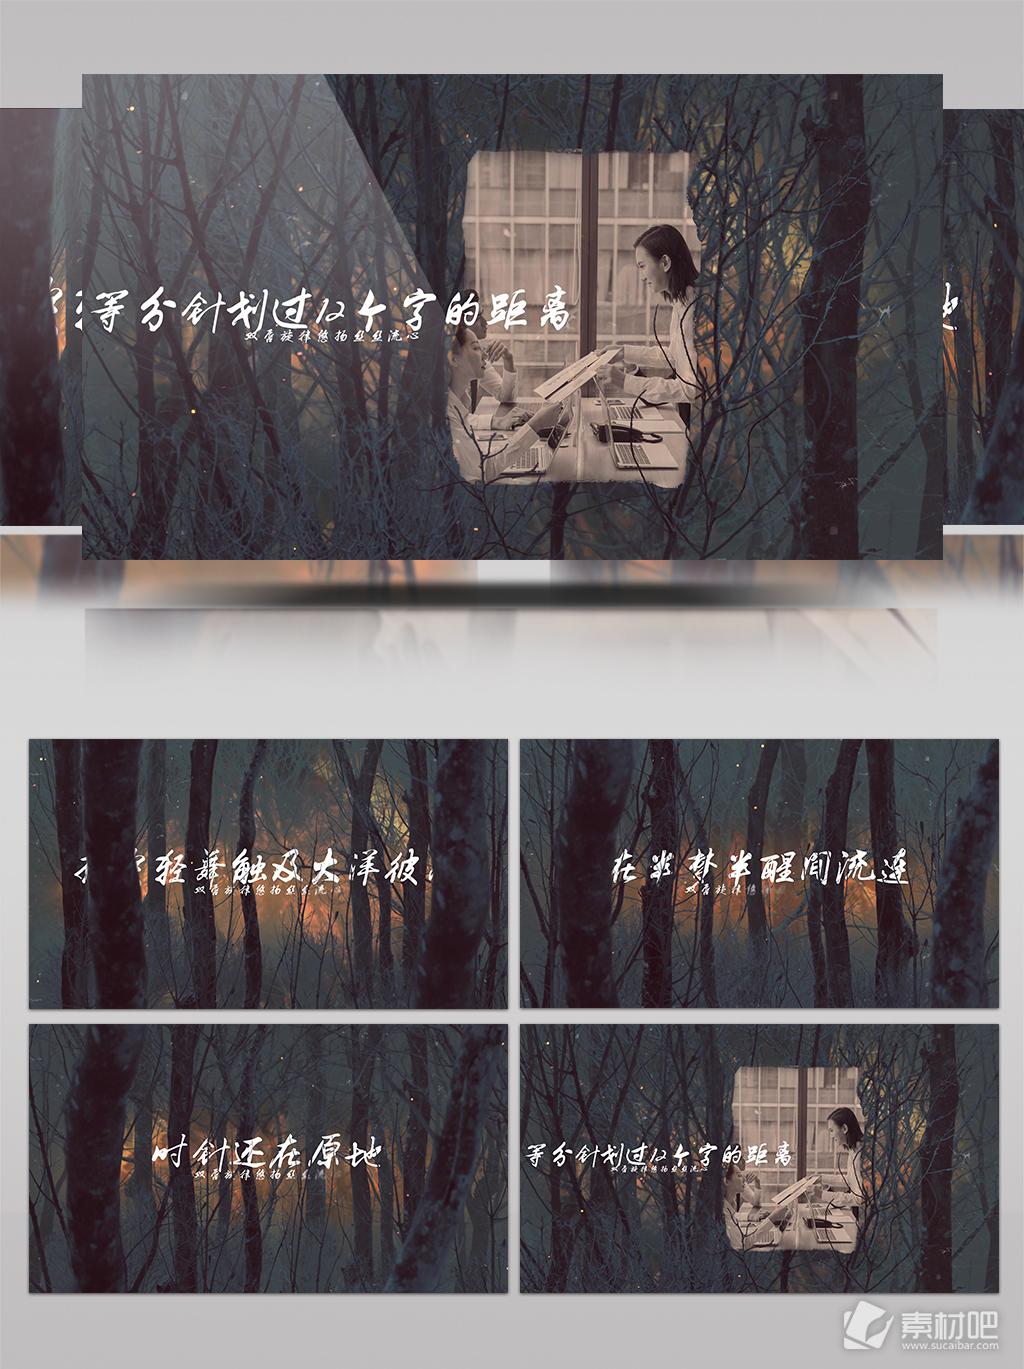 森林中的浪漫爱情婚庆照片展示